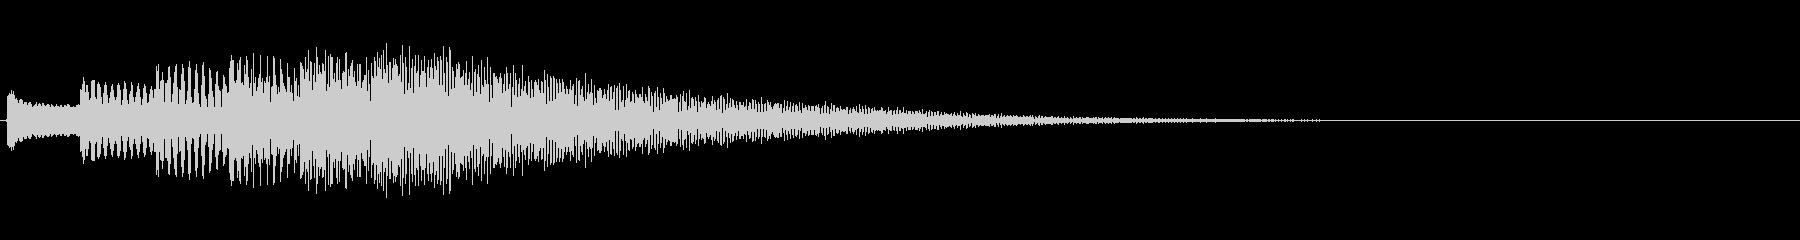 KANTシンセジングル201018の未再生の波形